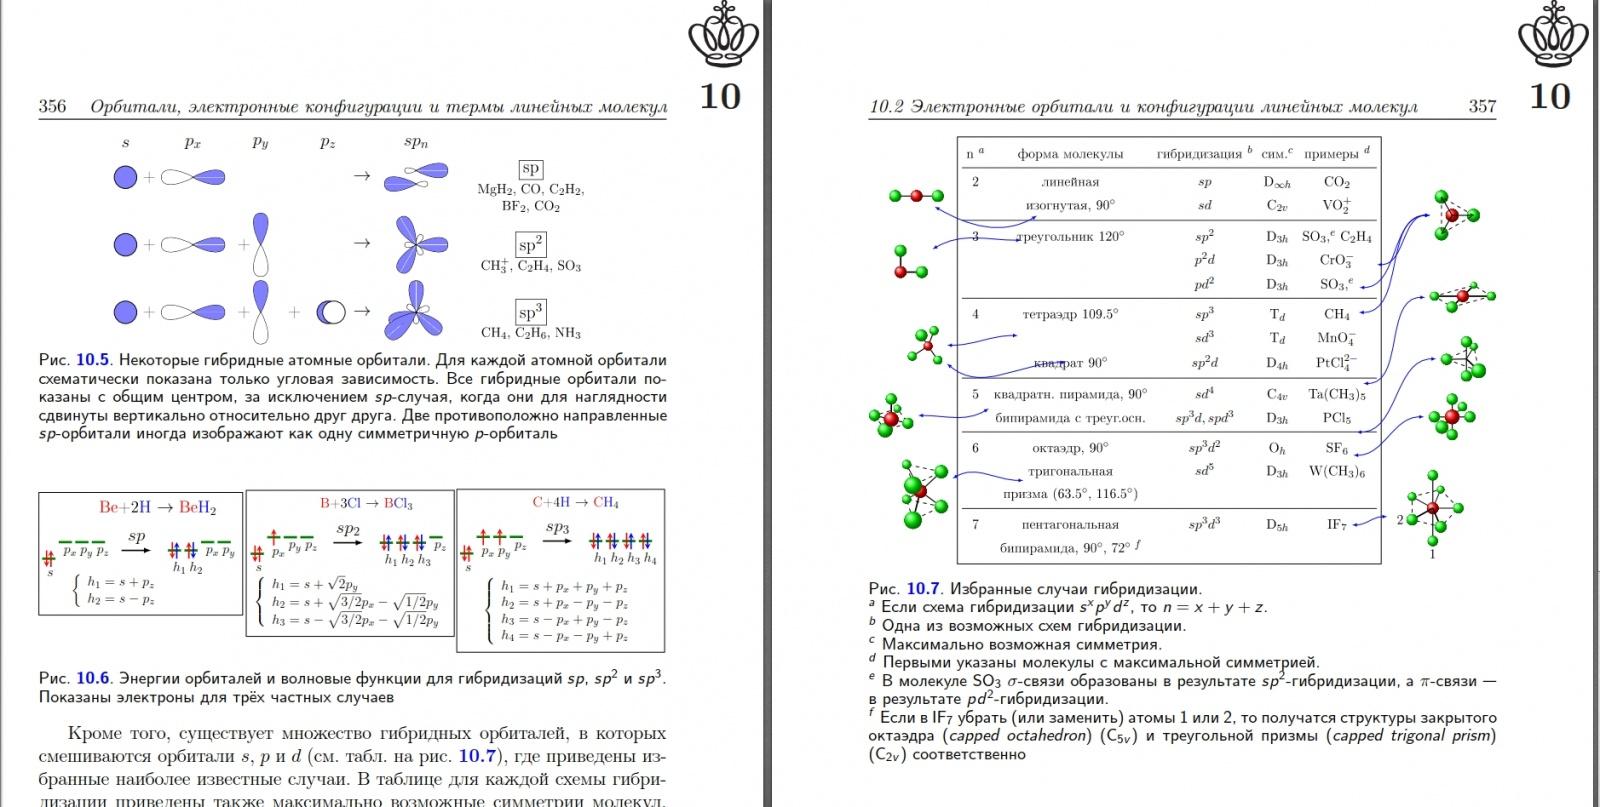 Как писать книгу по физике в LaTeX. Cтатья 1 - 1